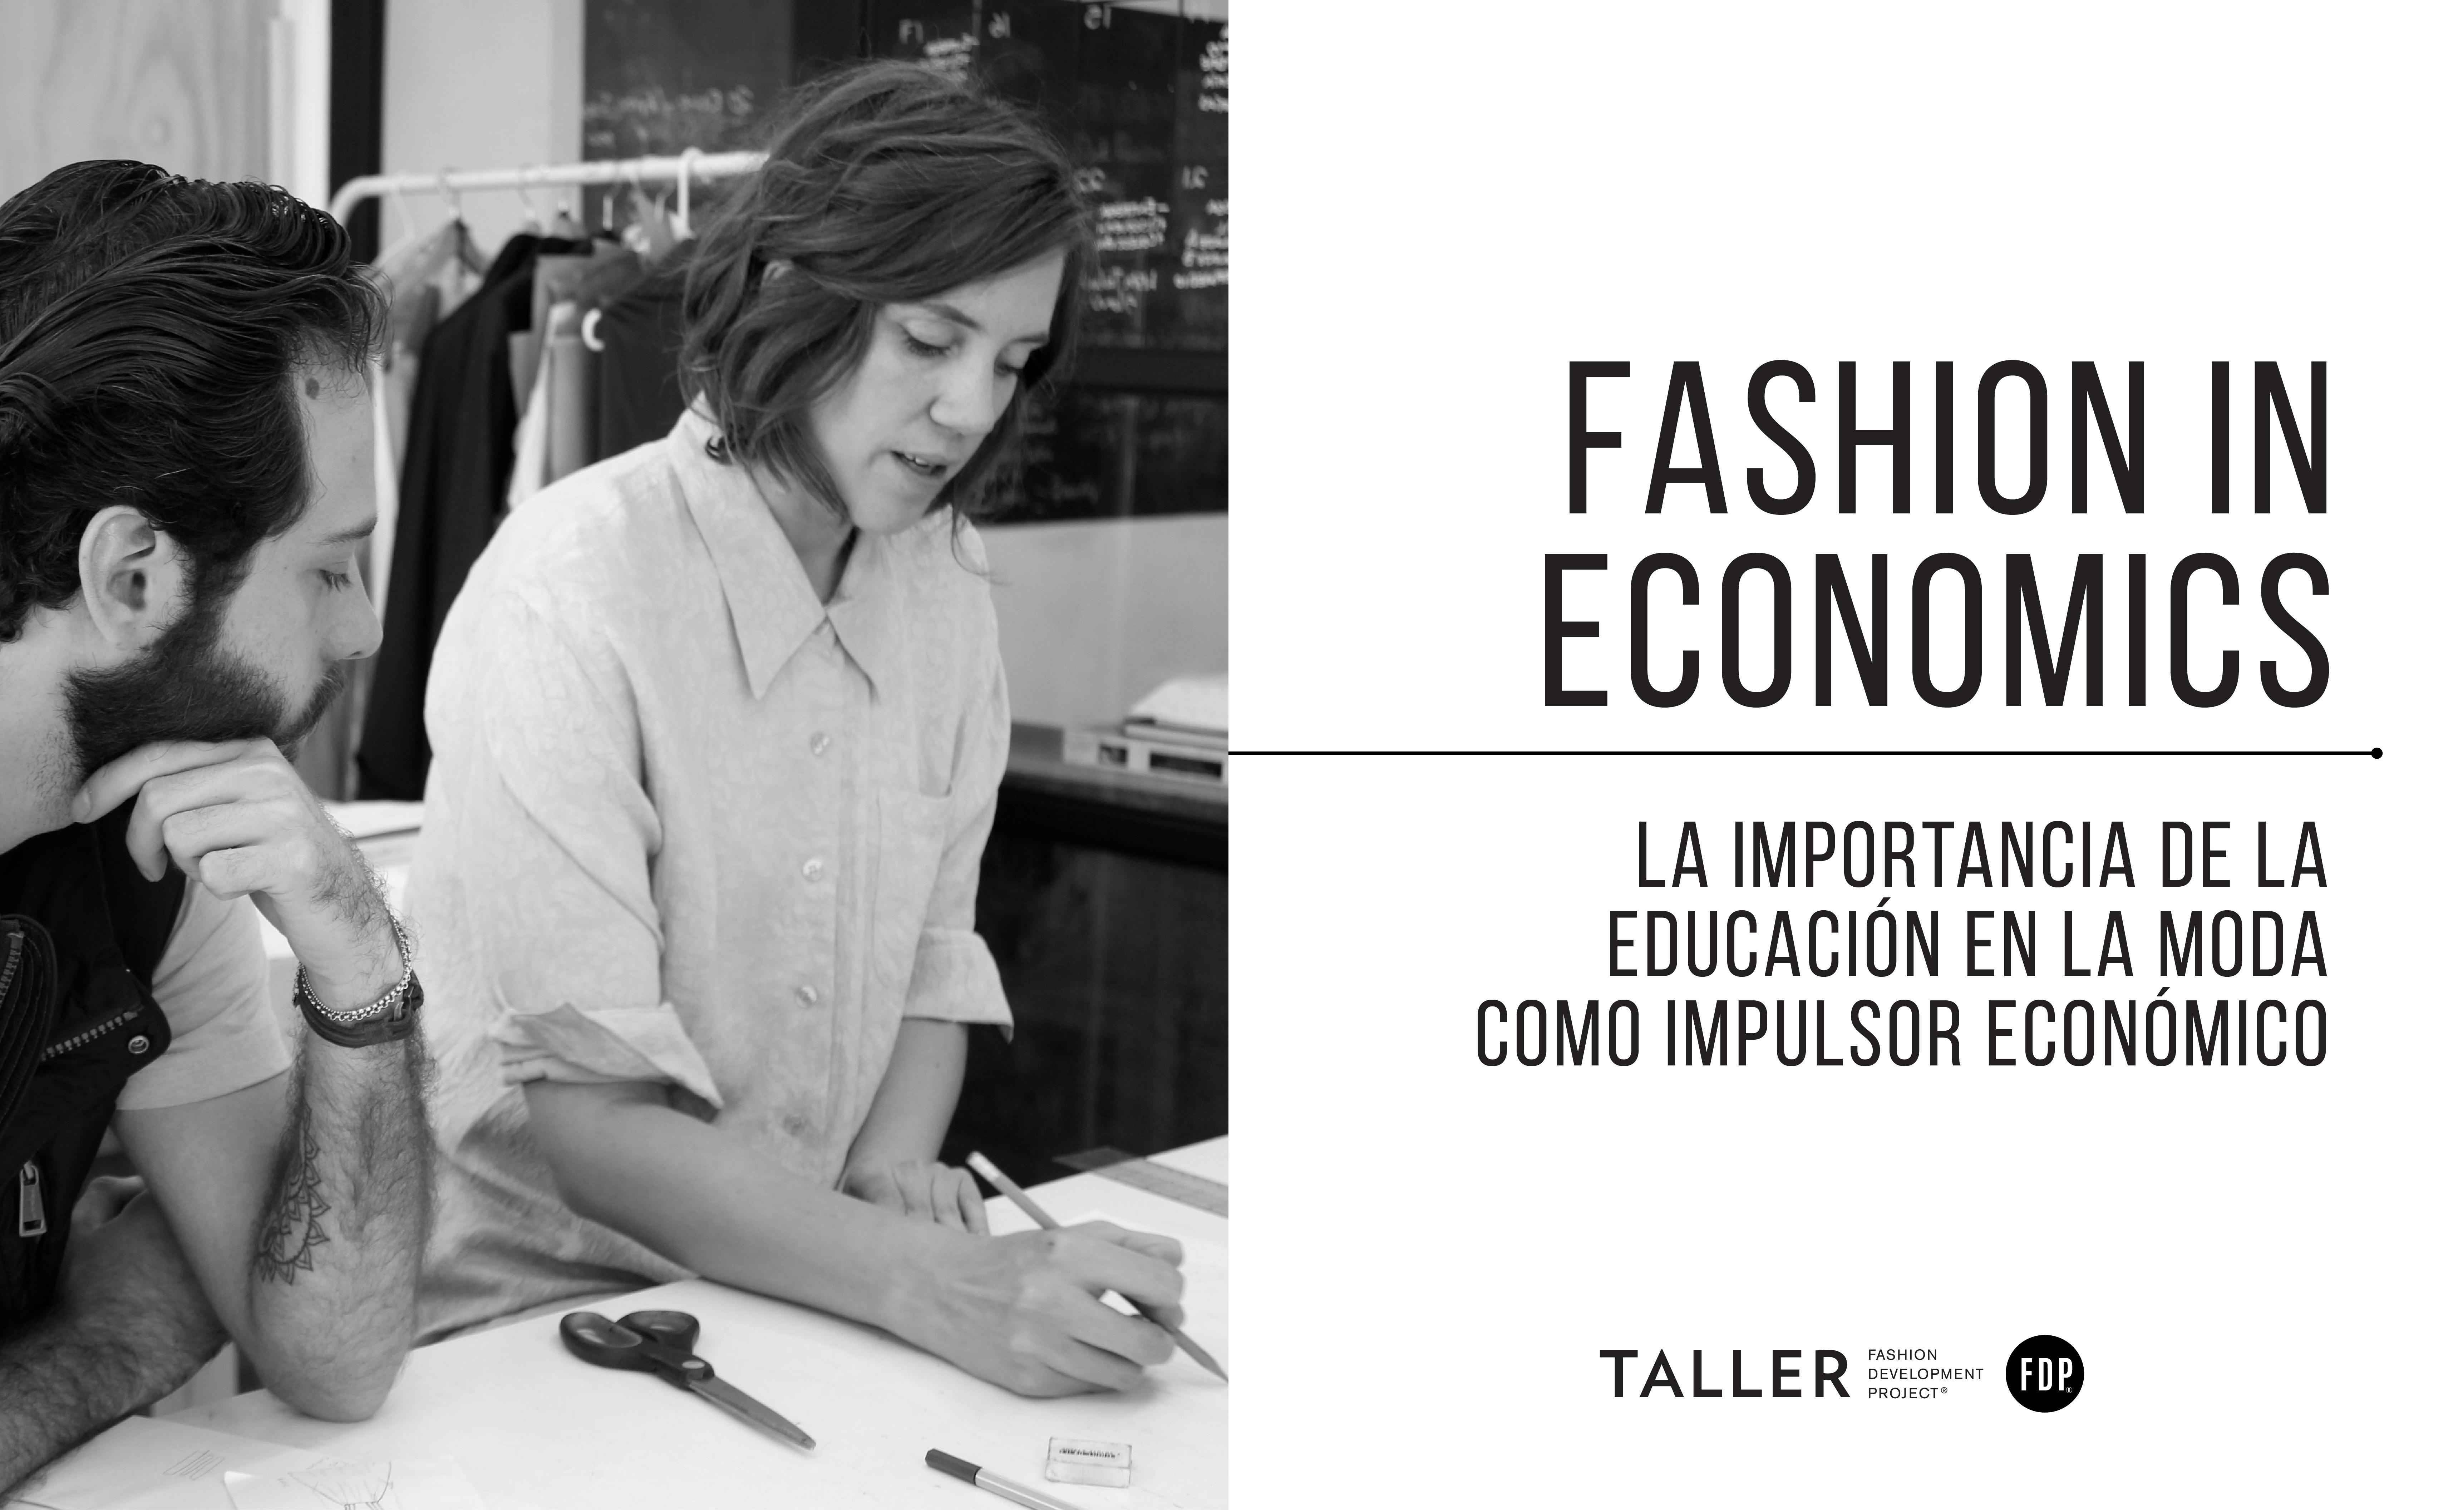 Fashion in Economics: La importancia de la educación en la moda como impulsor económico